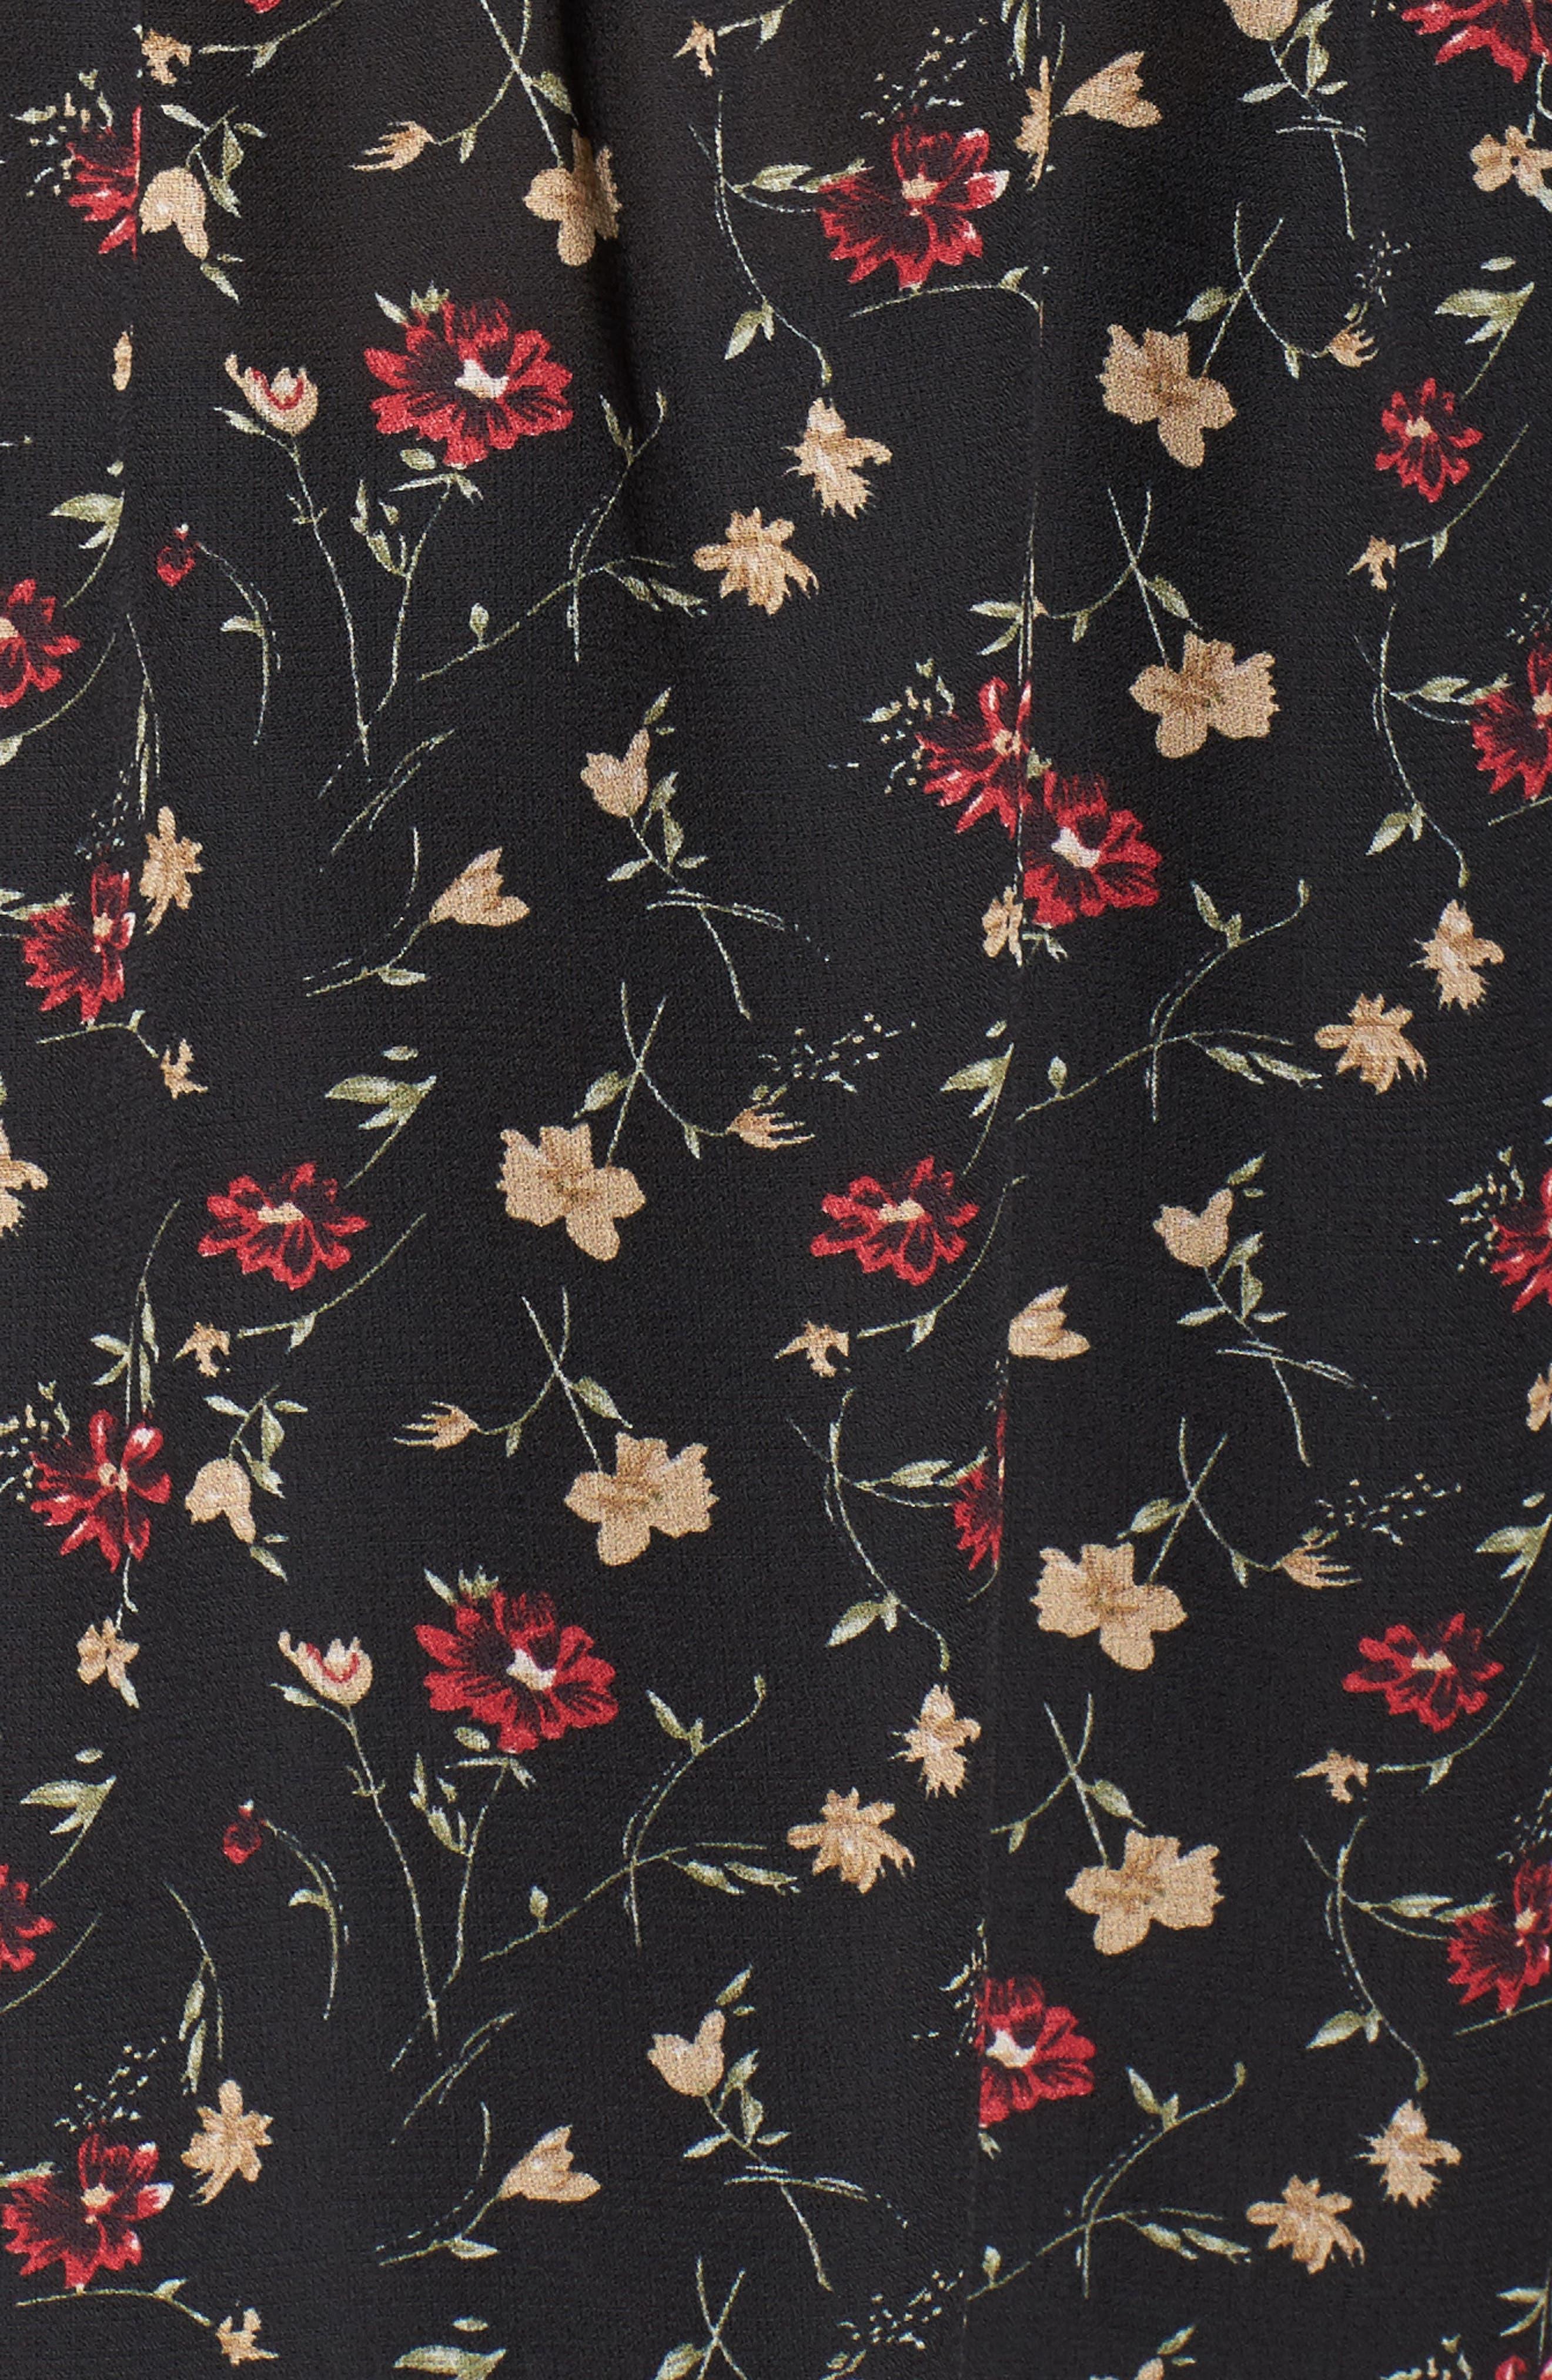 Velvet Tie Floral Blouse,                             Alternate thumbnail 5, color,